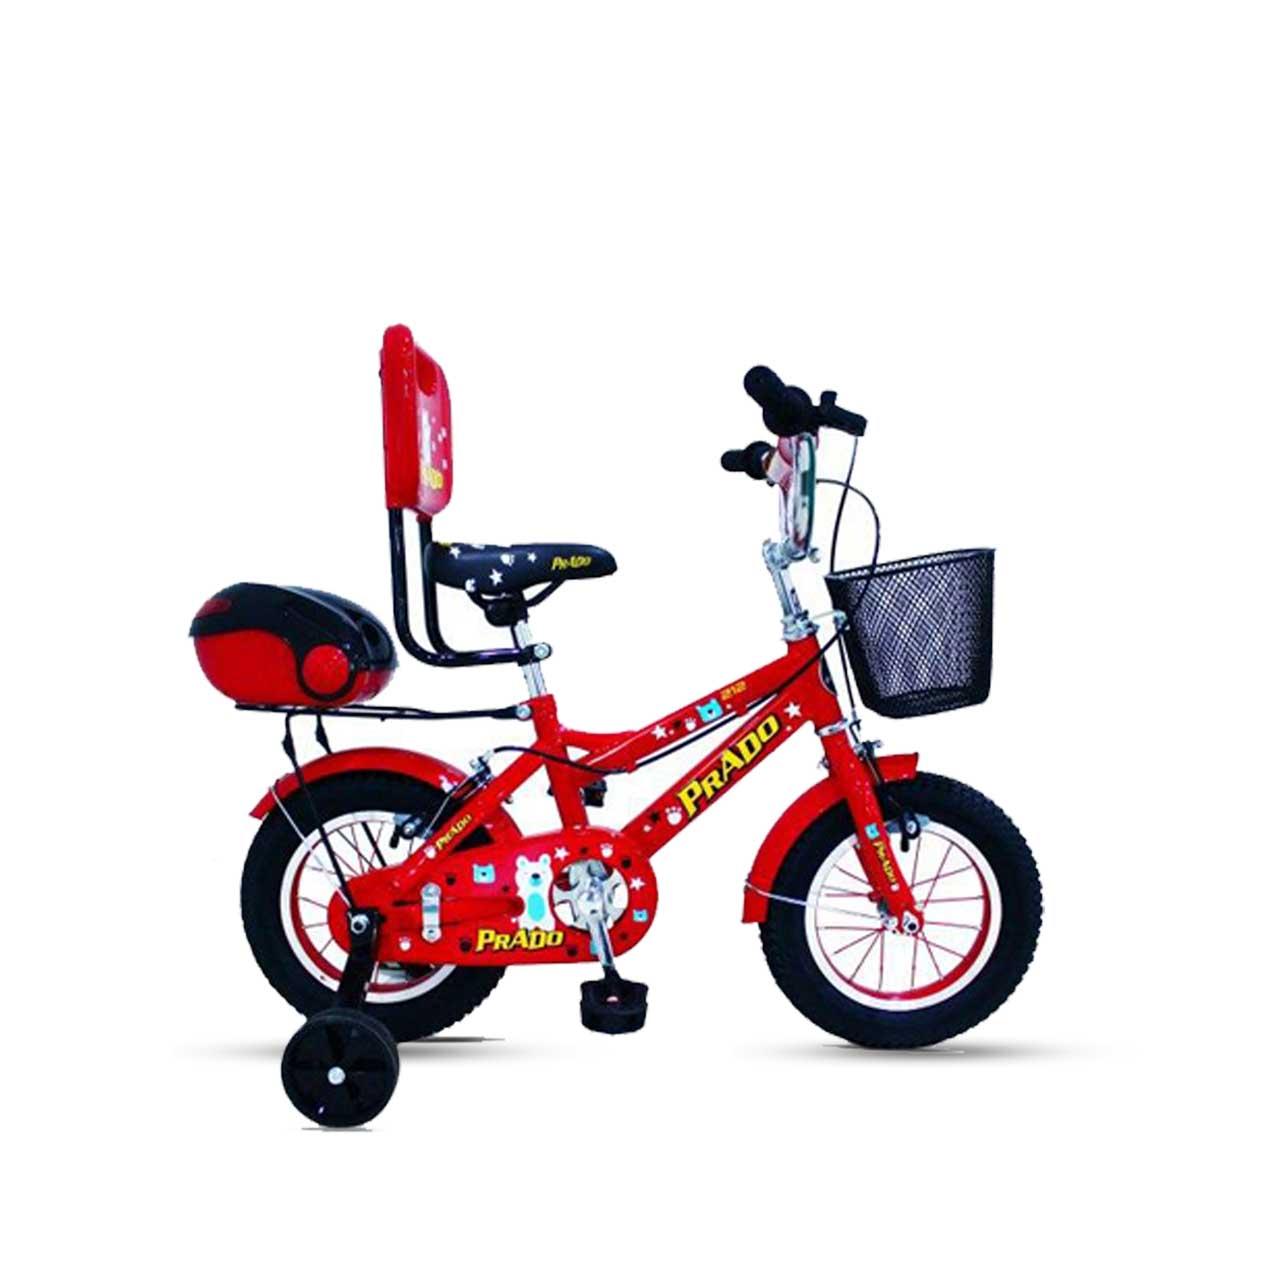 دوچرخه کودک پرادو مدل HR212 سایز 12